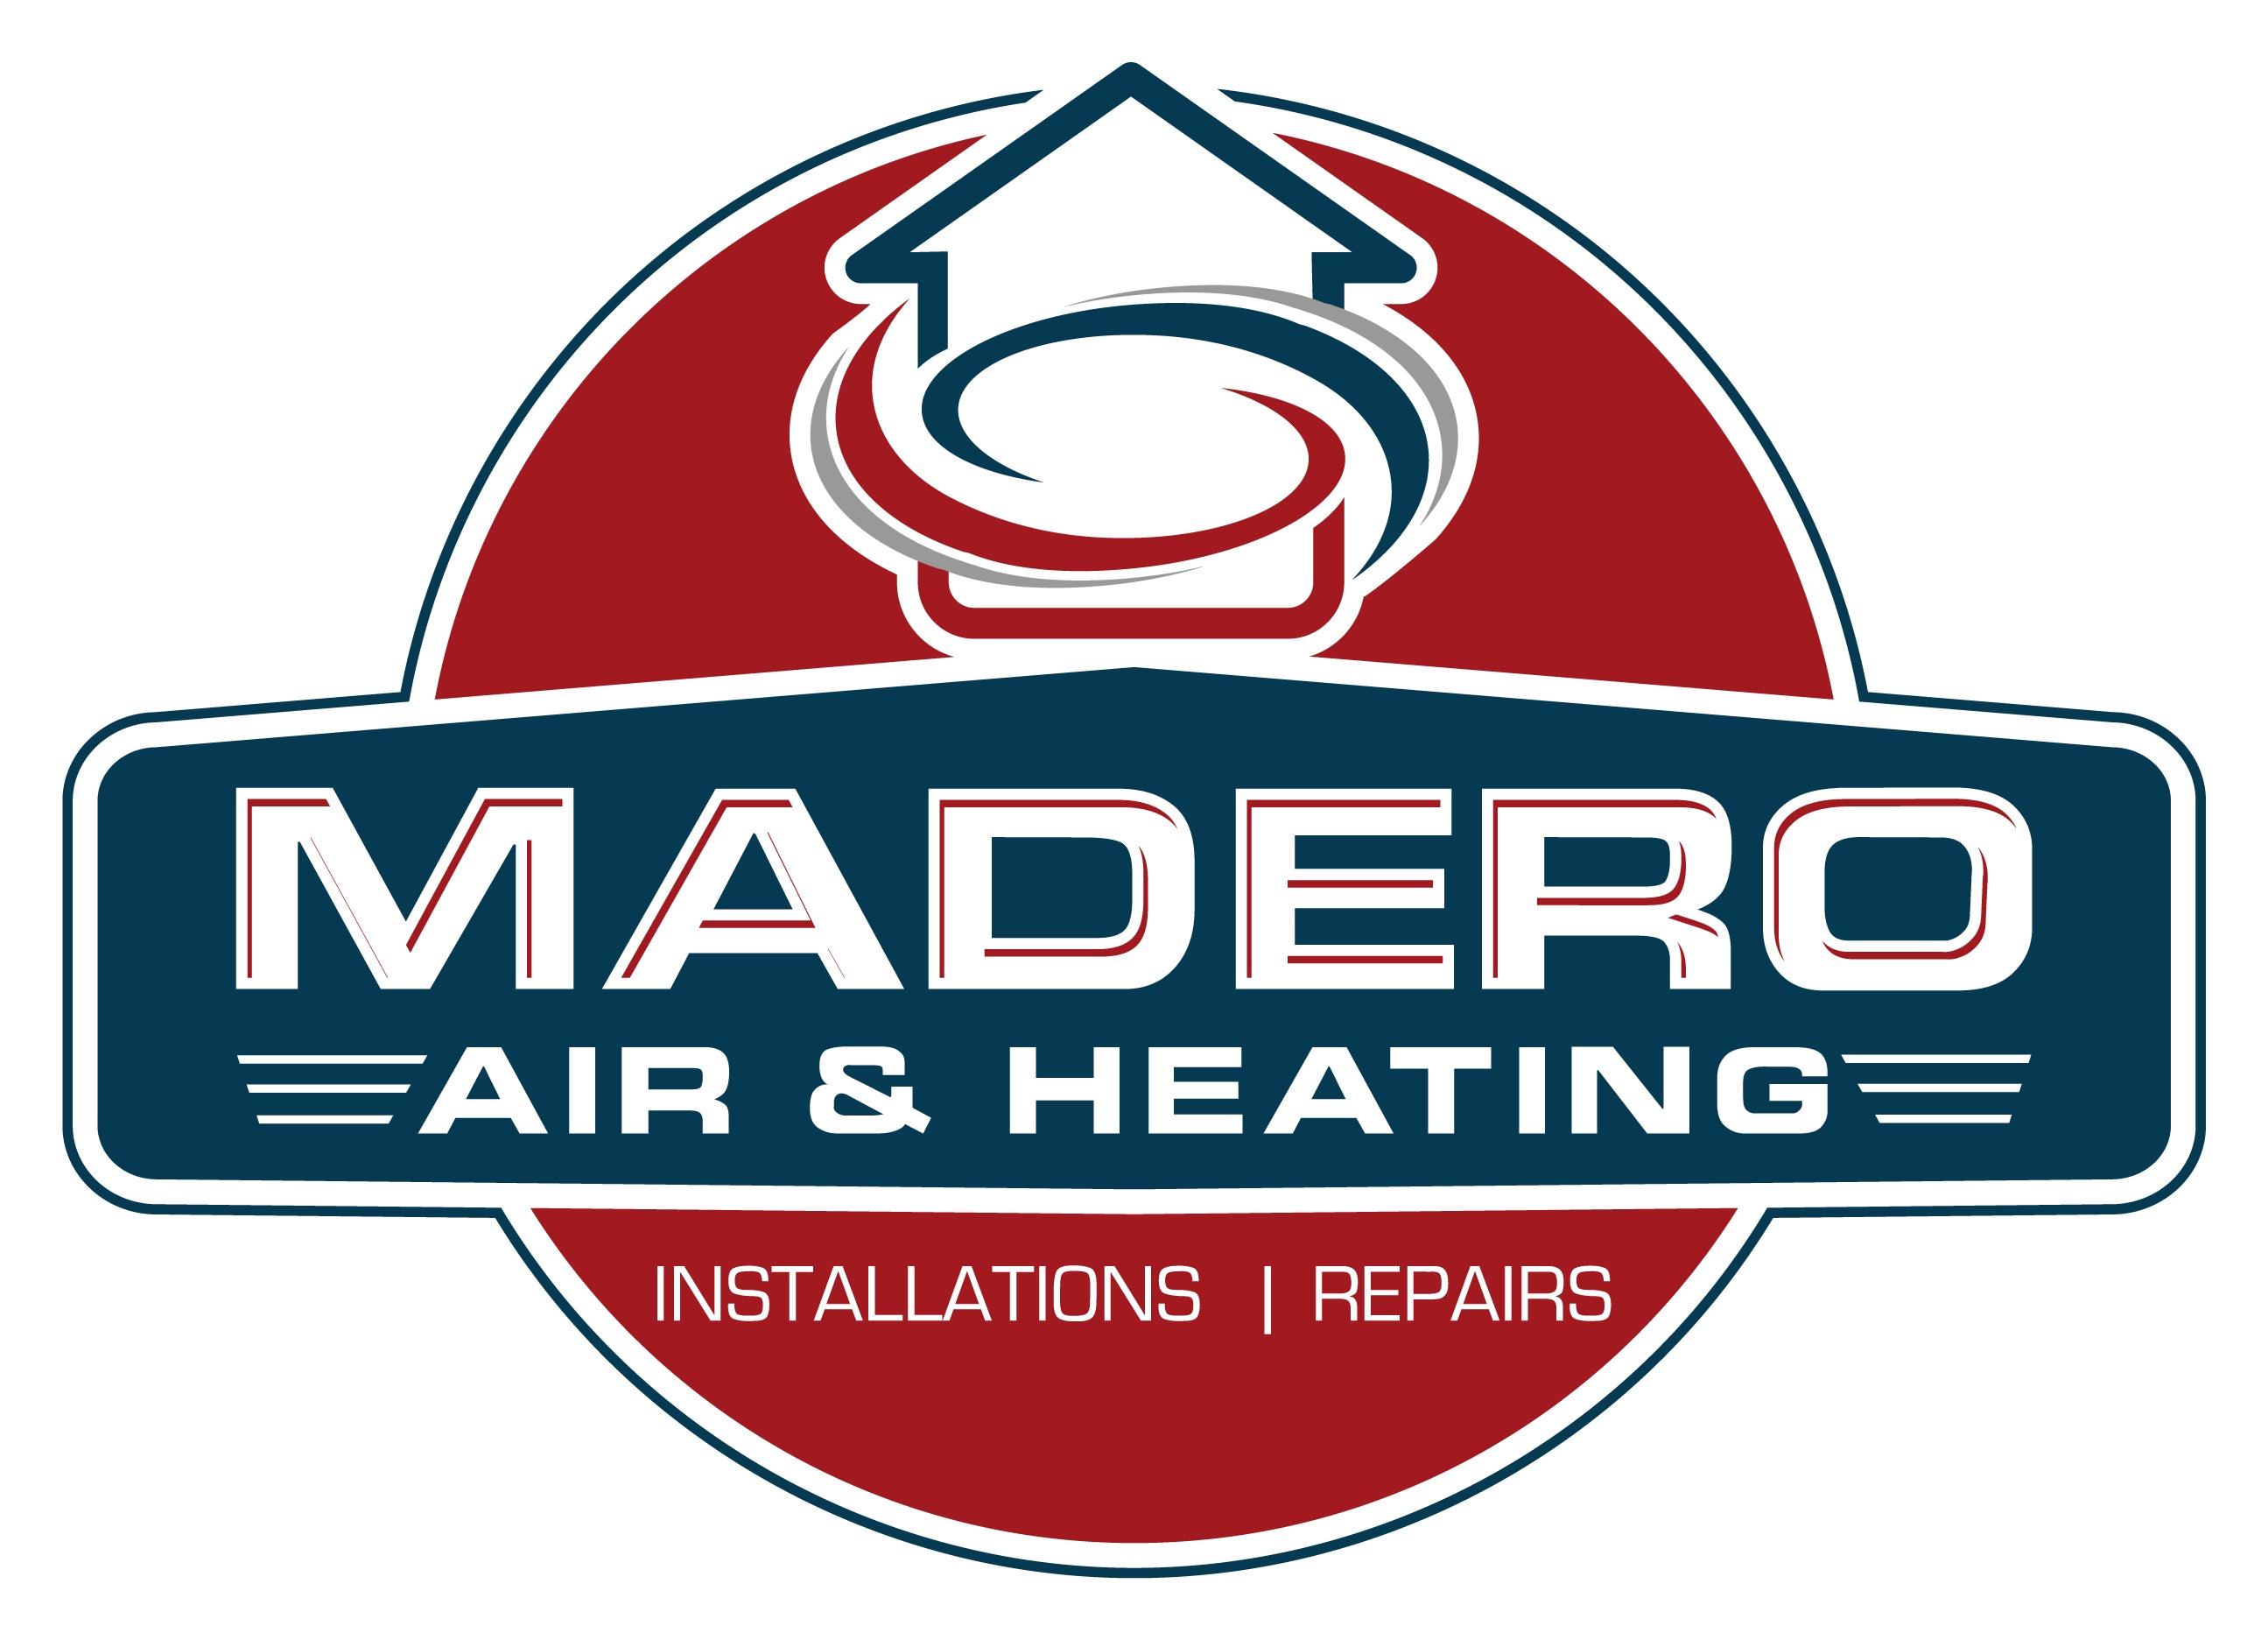 Madero Heating & Air